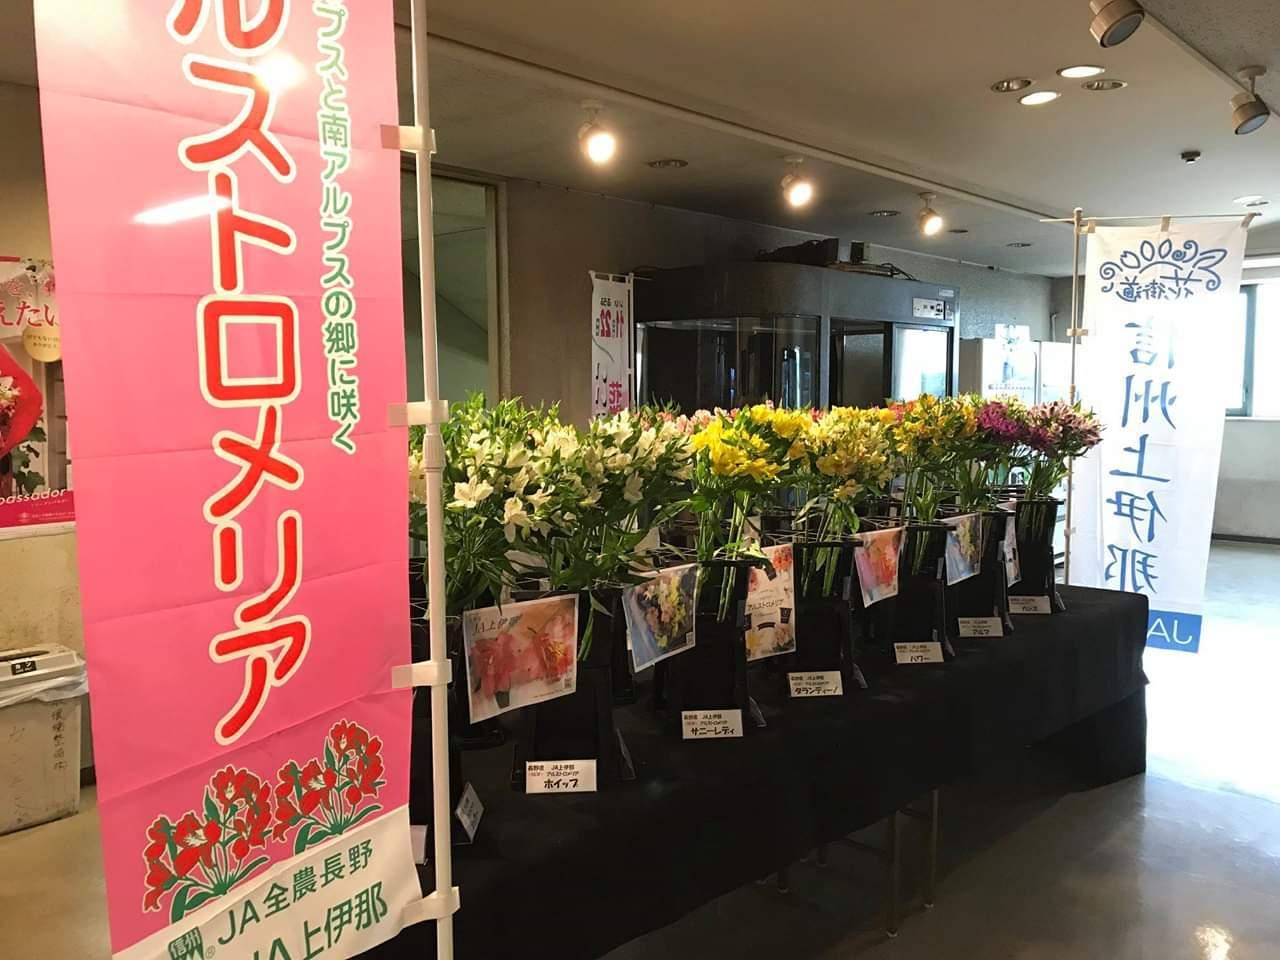 アルストロメリア品種展示 in 西日本花きさま_d0062298_20465142.jpg